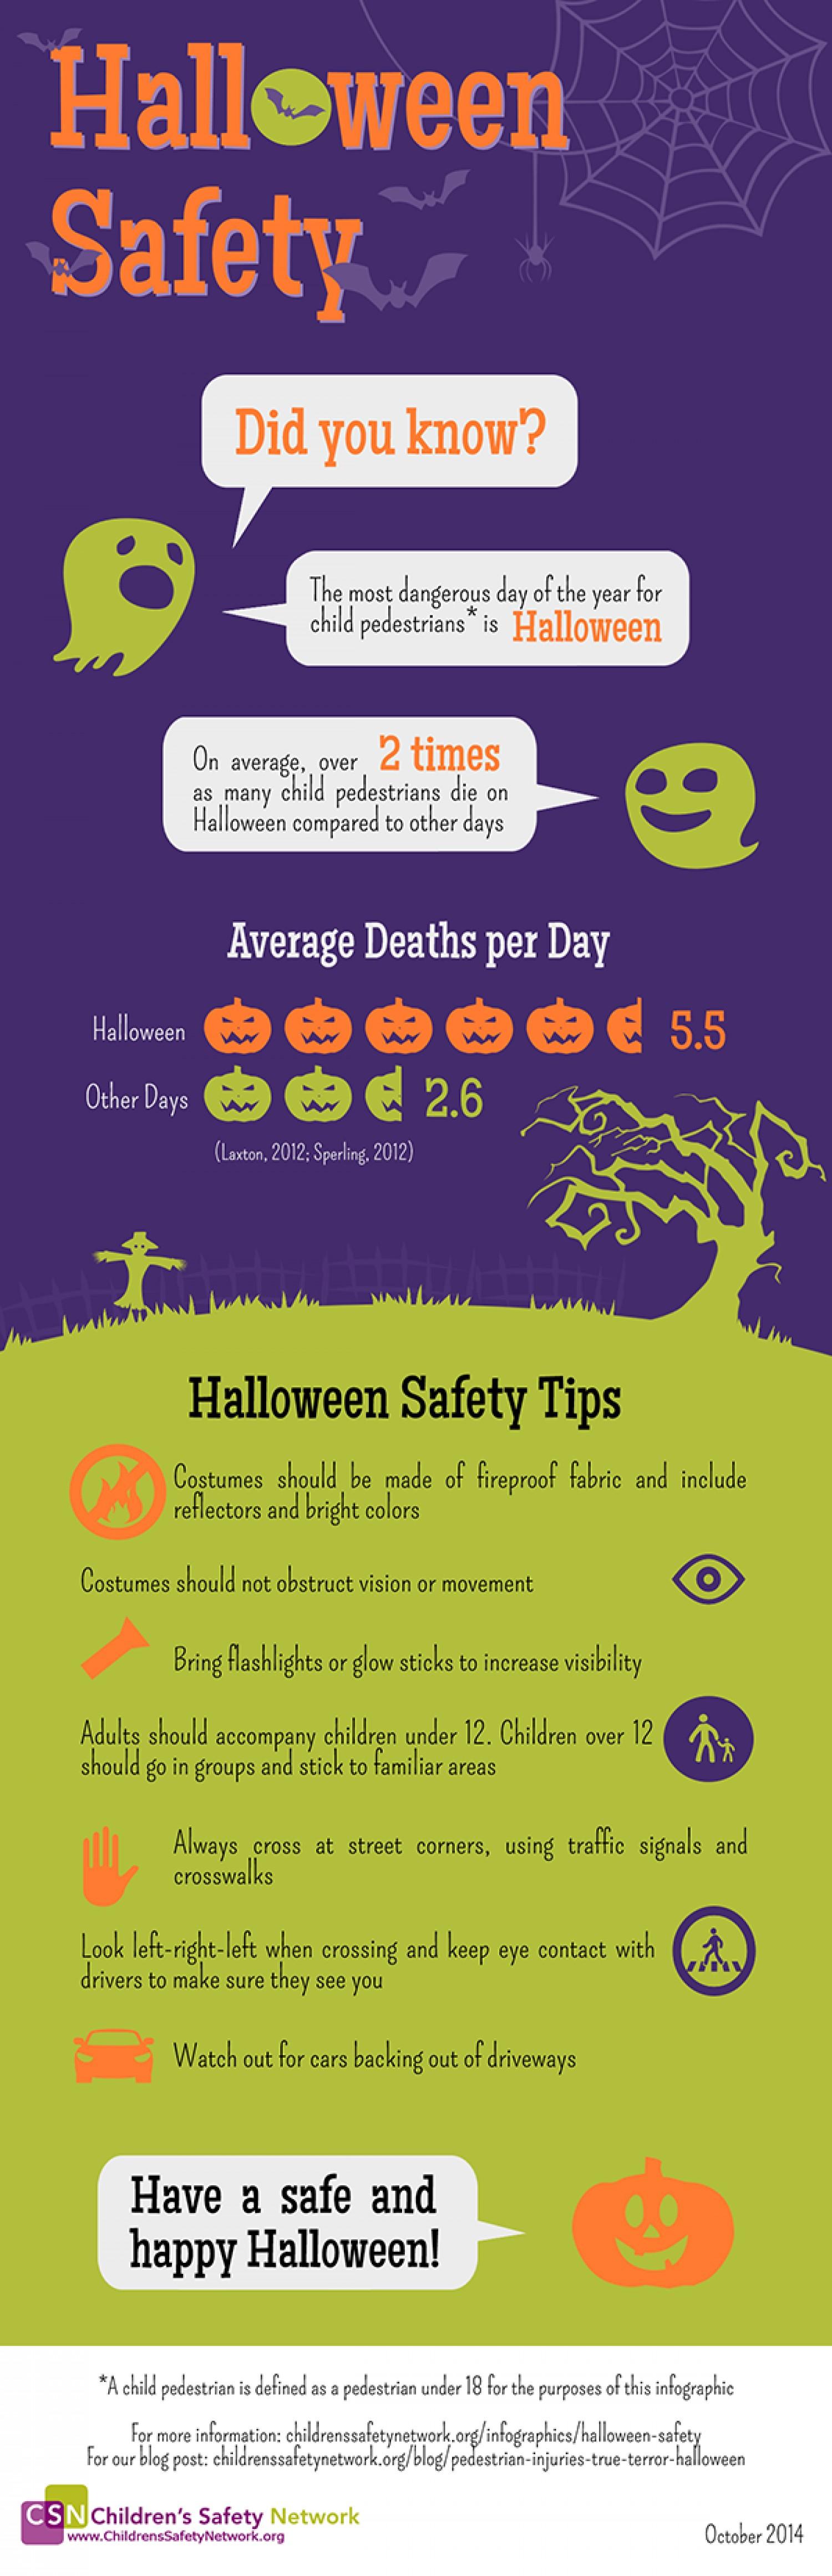 Halloween Safety Infographic ChildrensSafety Network